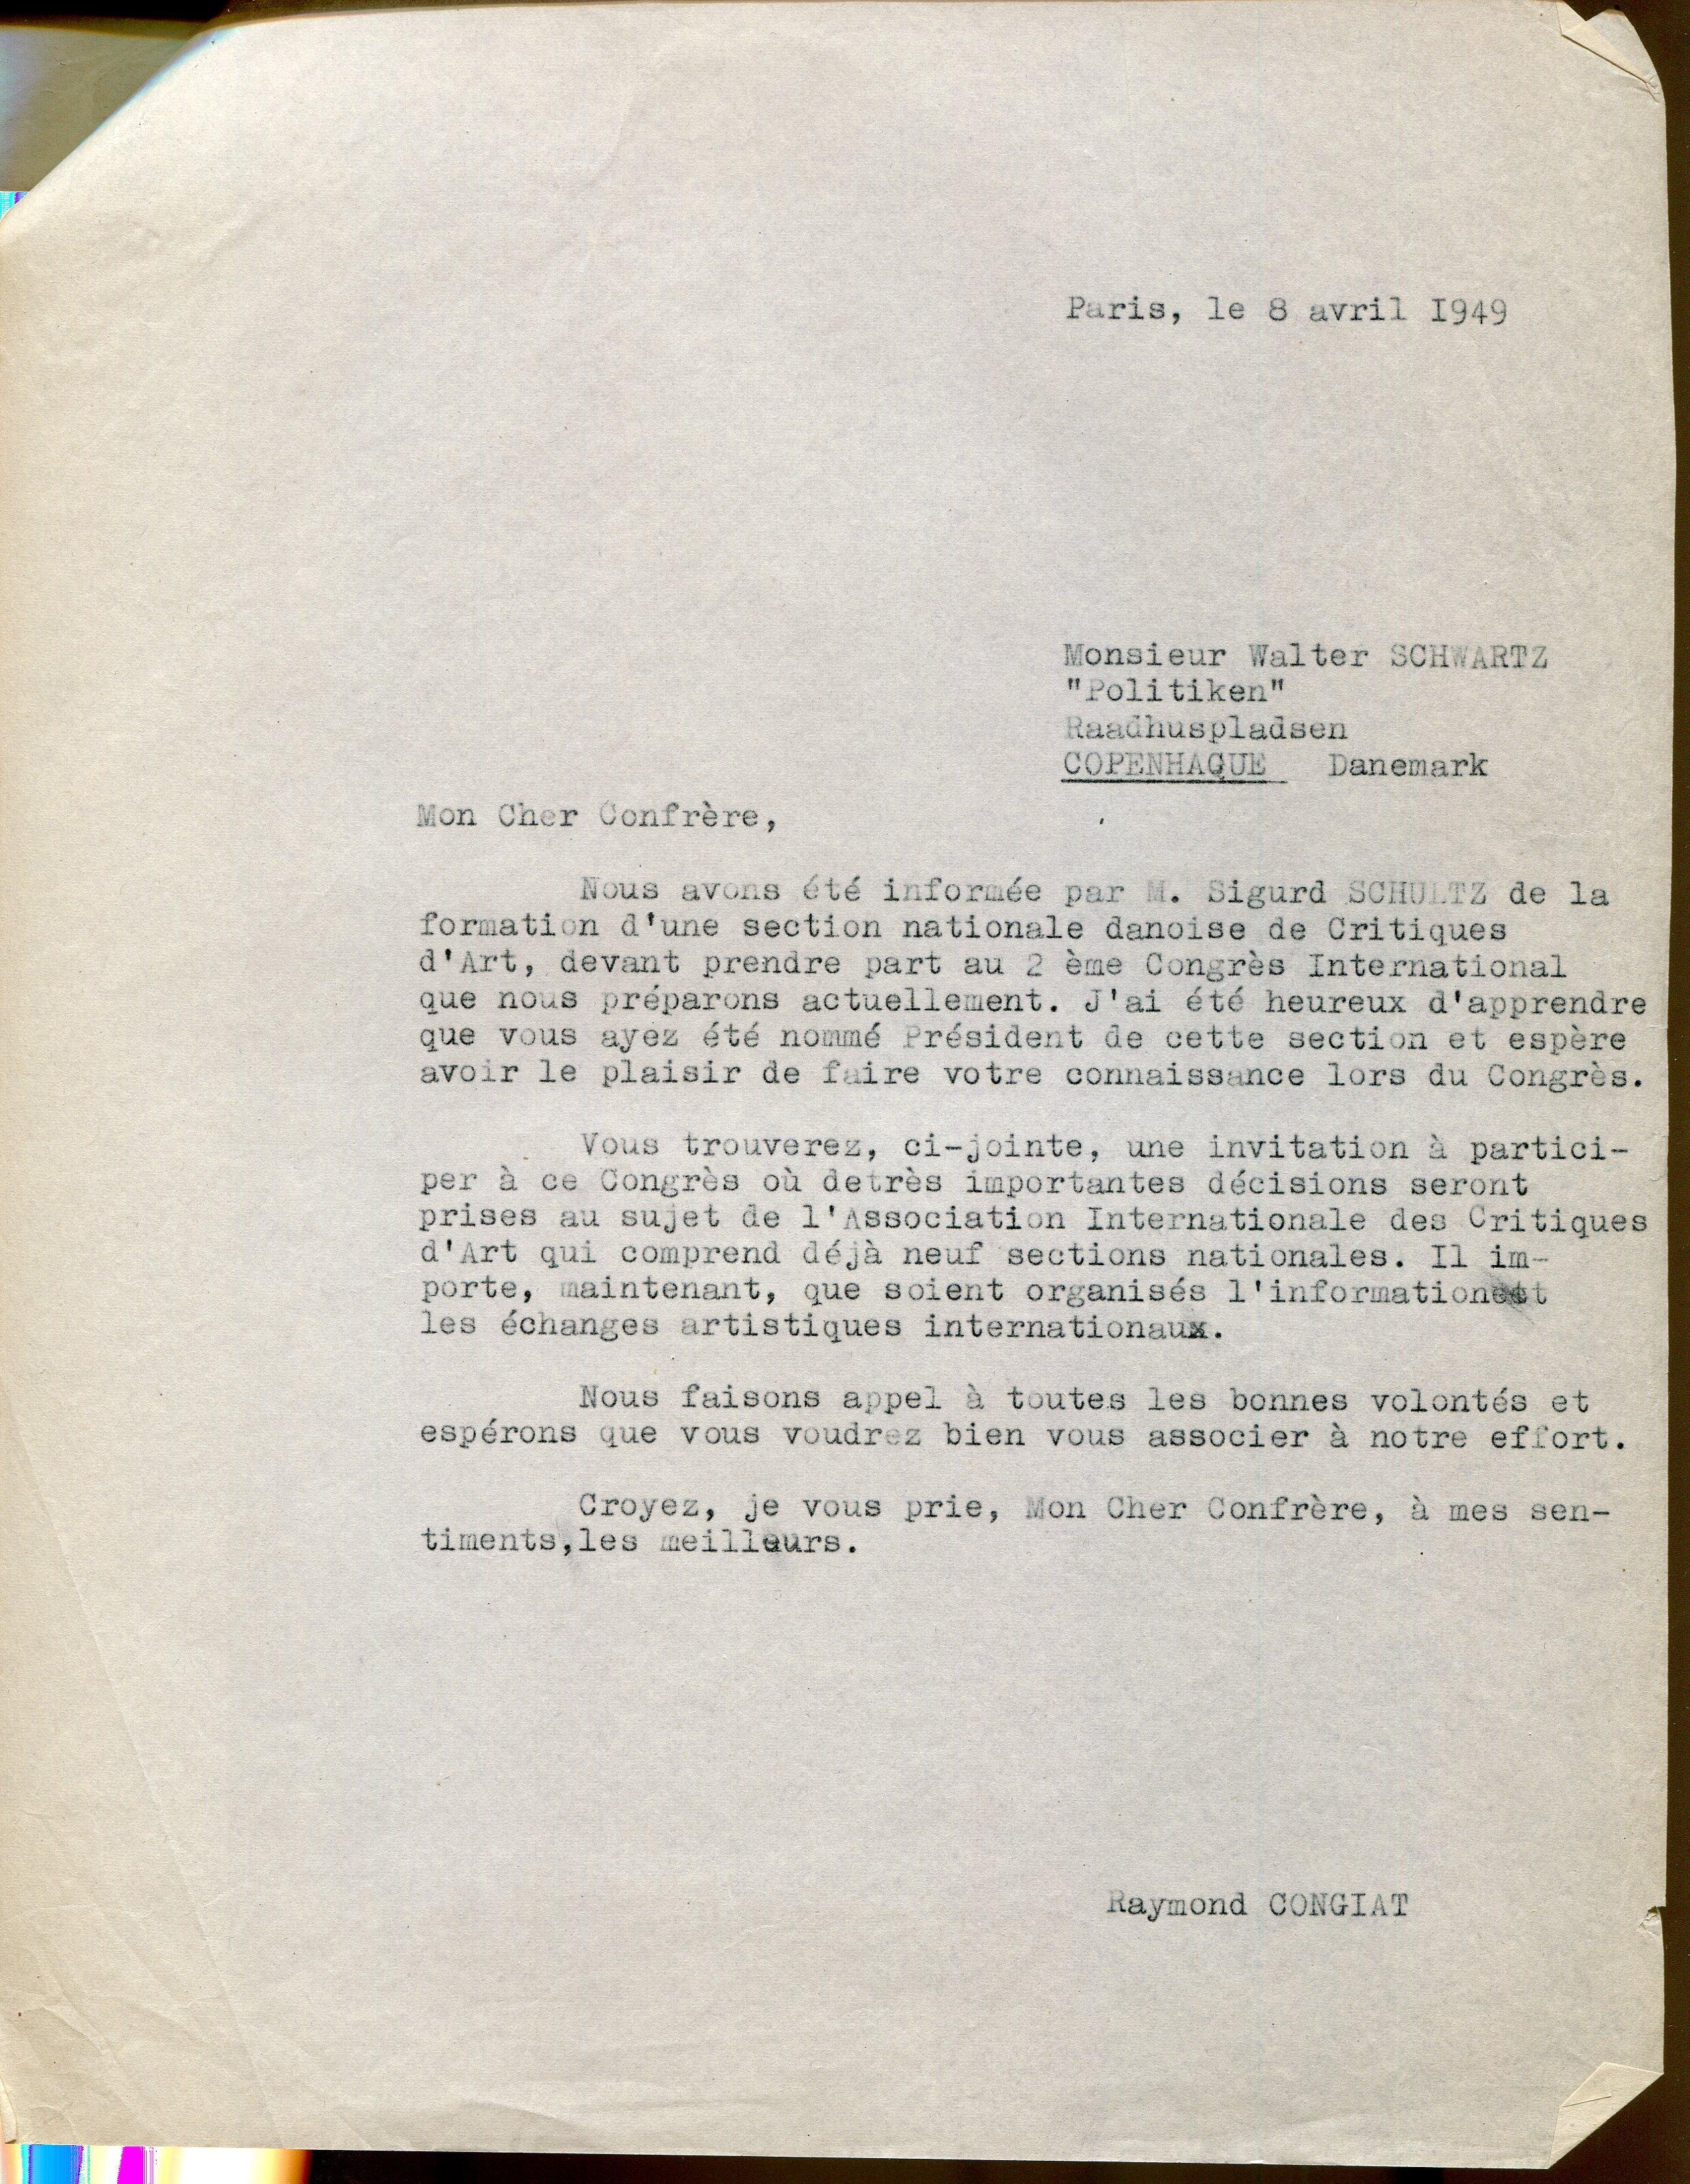 Lettre de Raymond Cogniat à Walter Schwartz, Paris, 8 avril 1949, AICA International [FR ACA AICAI THE ADM008 06/32], collection INHA – Archives de la critique d'art. D.R.